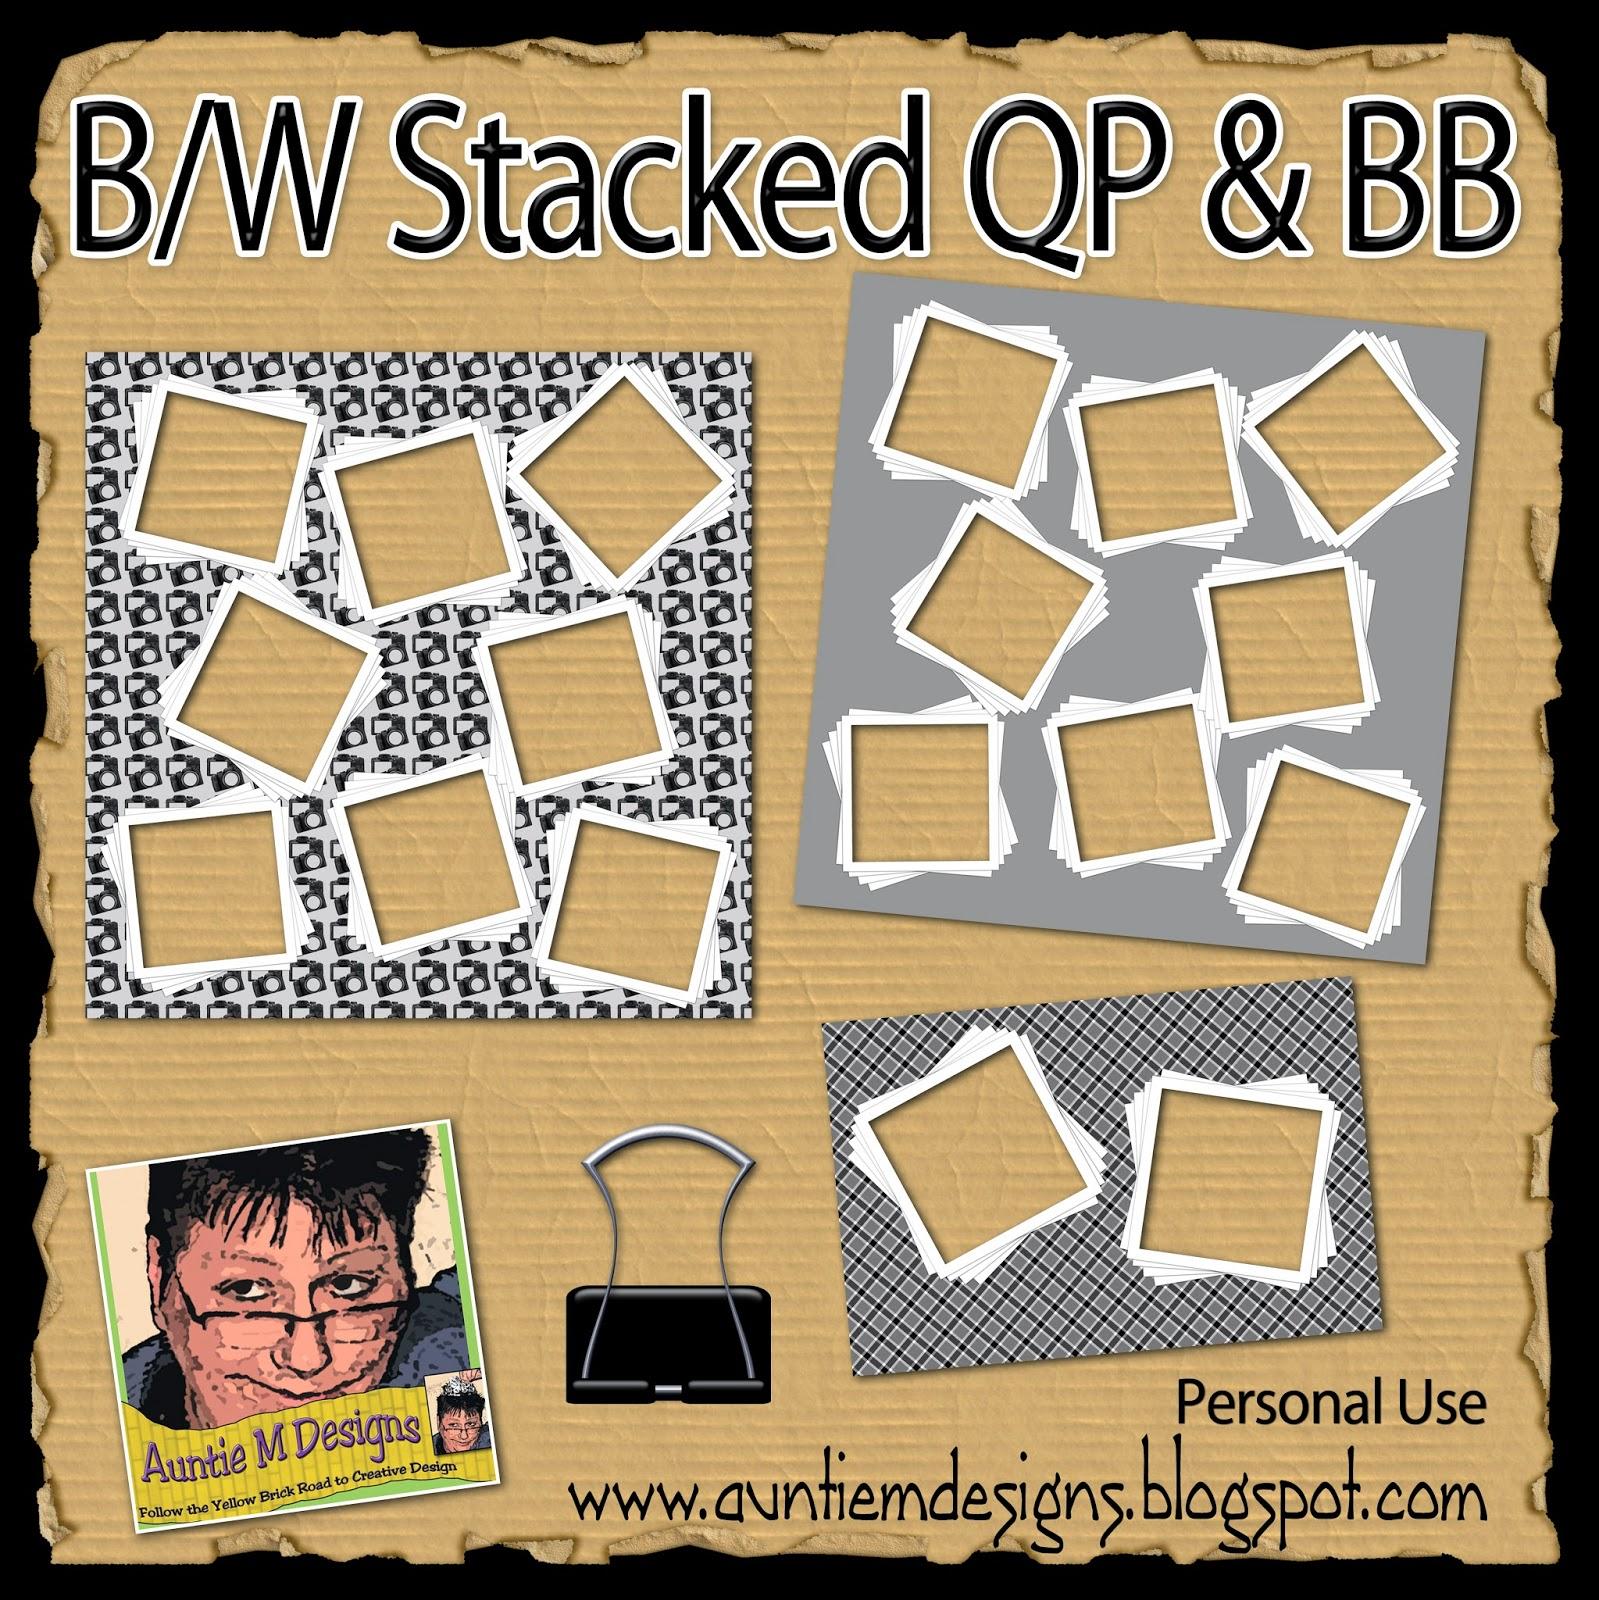 http://3.bp.blogspot.com/-V8yCqya7Paw/U8LHM4Uz4sI/AAAAAAAAG3o/H4FQFS8_DhI/s1600/folder.jpg